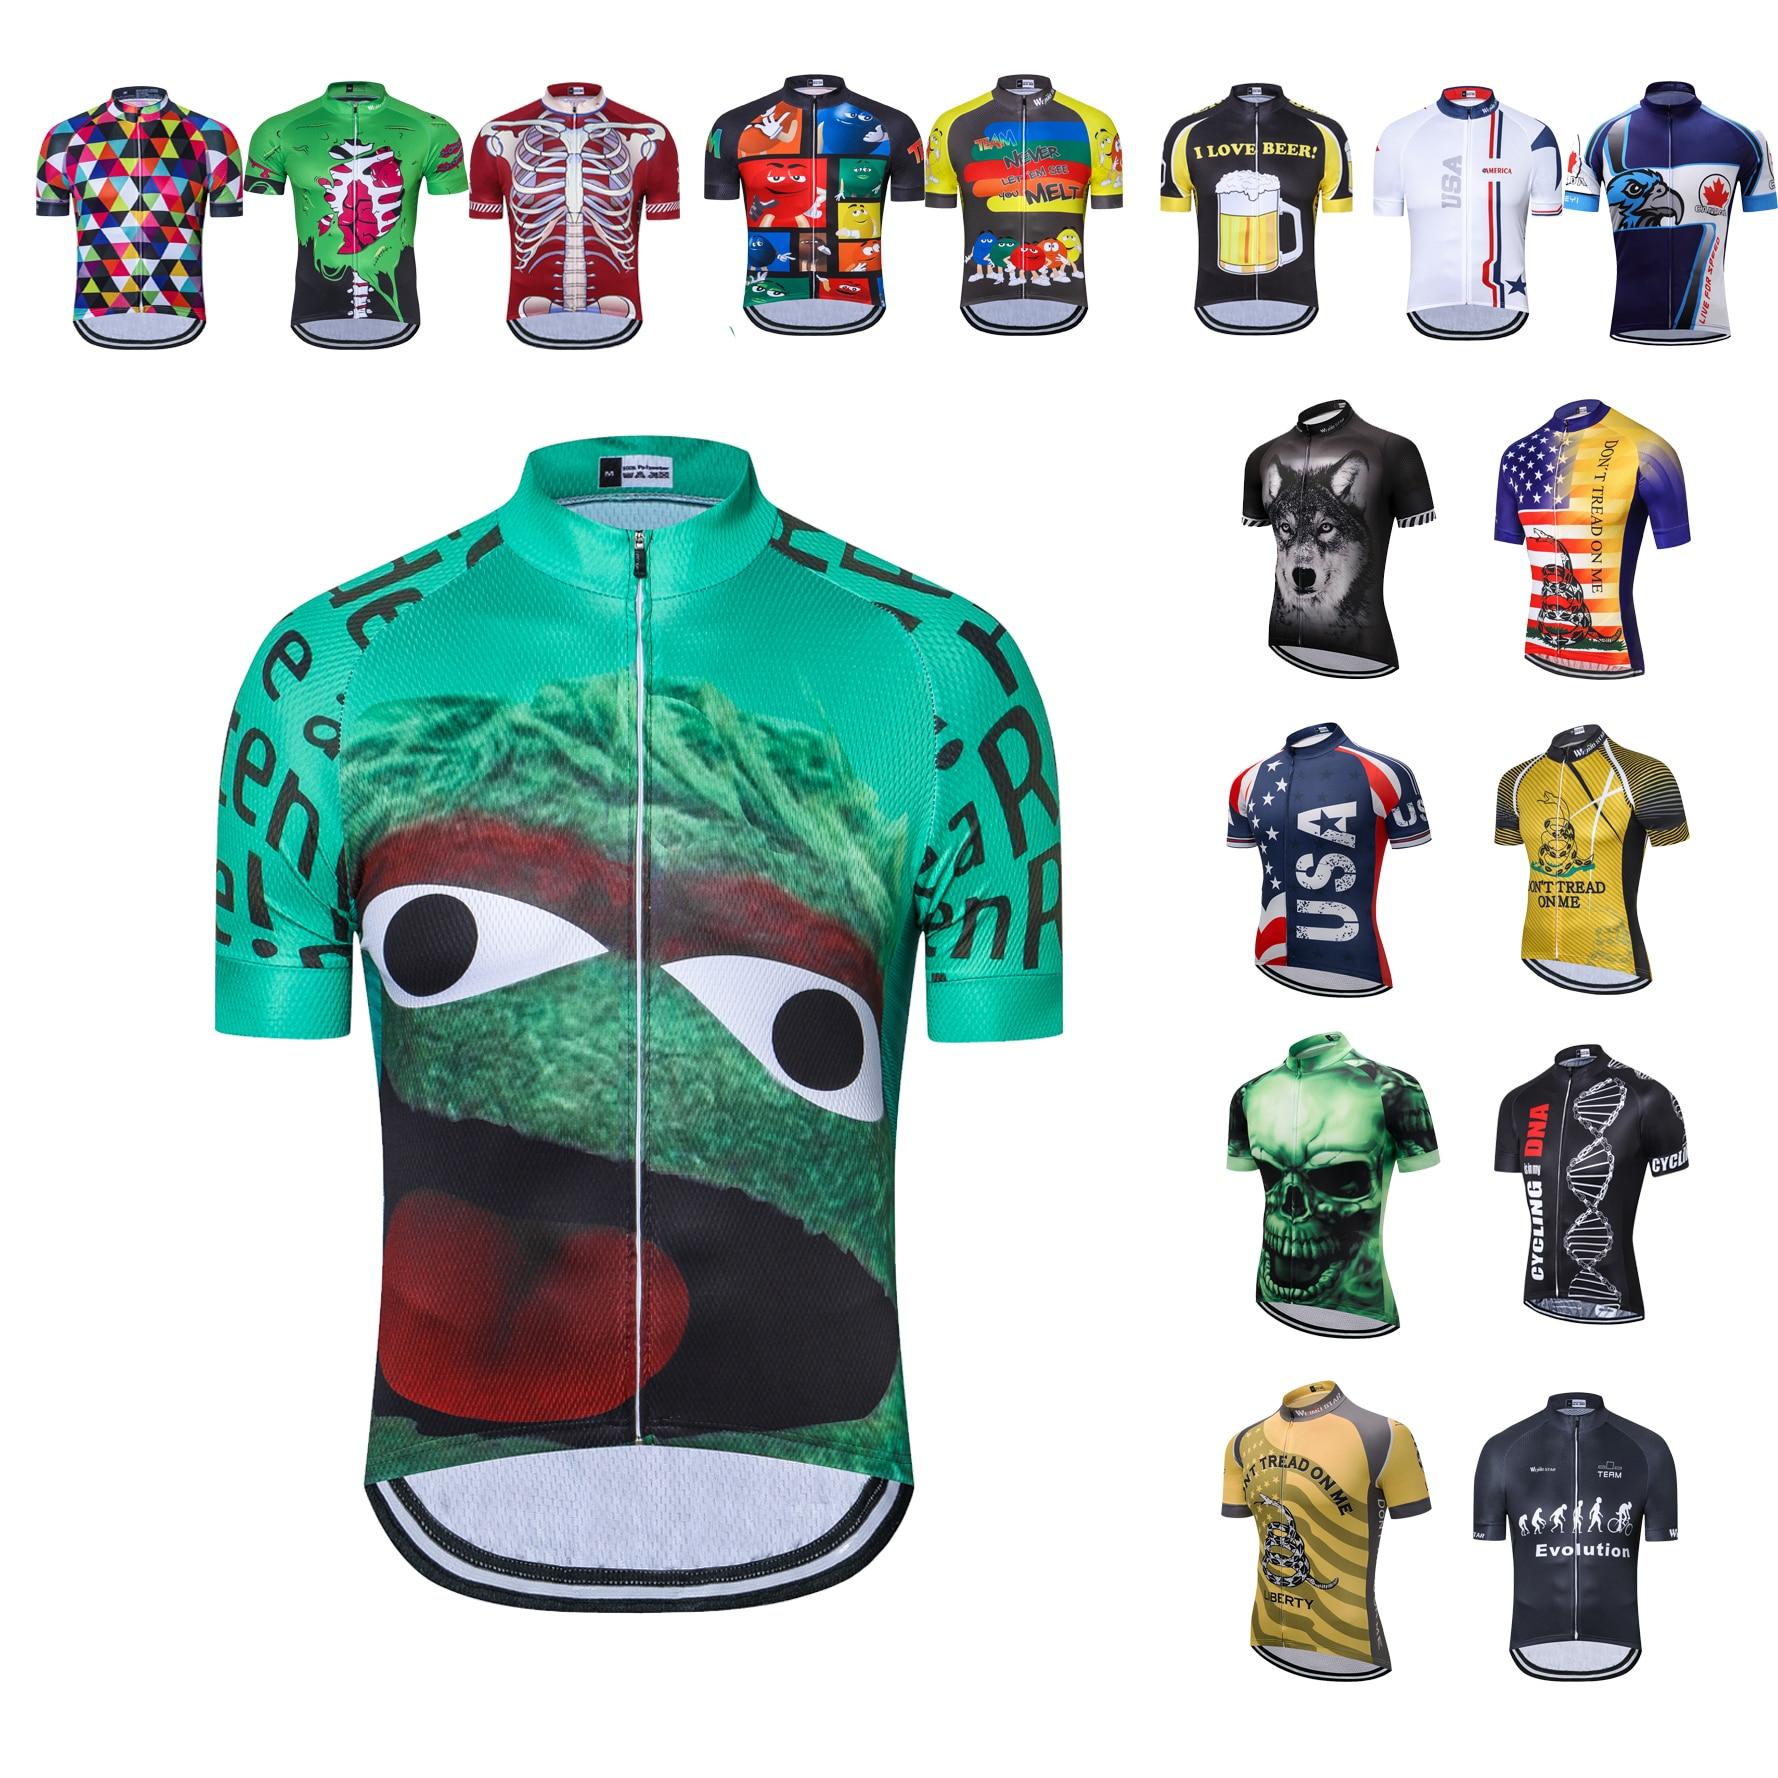 UFOBIKE Ciclismo Homens Jersey Retro Verão 2019 Mtb Mountain Bike Vestuário Camisa de Manga Curta Camisa Tops Ciclismo Maillot ciclismo